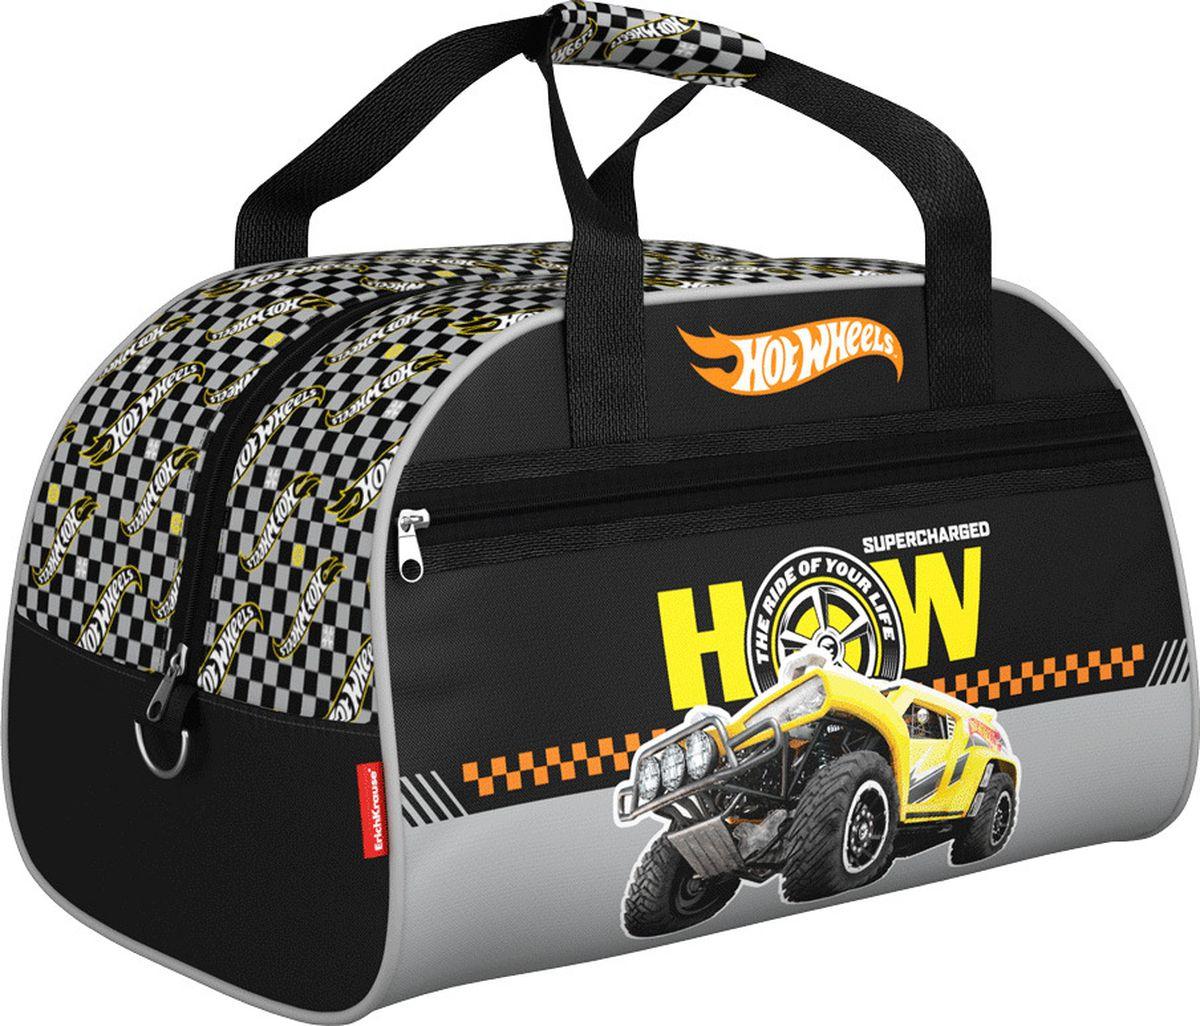 Mattel Сумка для сменной обуви Hot Wheels Big Foot 4243072523WDДетская сумка предназначена для спортивных вещей. Размер 35 x 26 x 23 см. Выполнена из водонепроницаемого материала. Ручки на липучке, снаружи имеется карман на молнии.